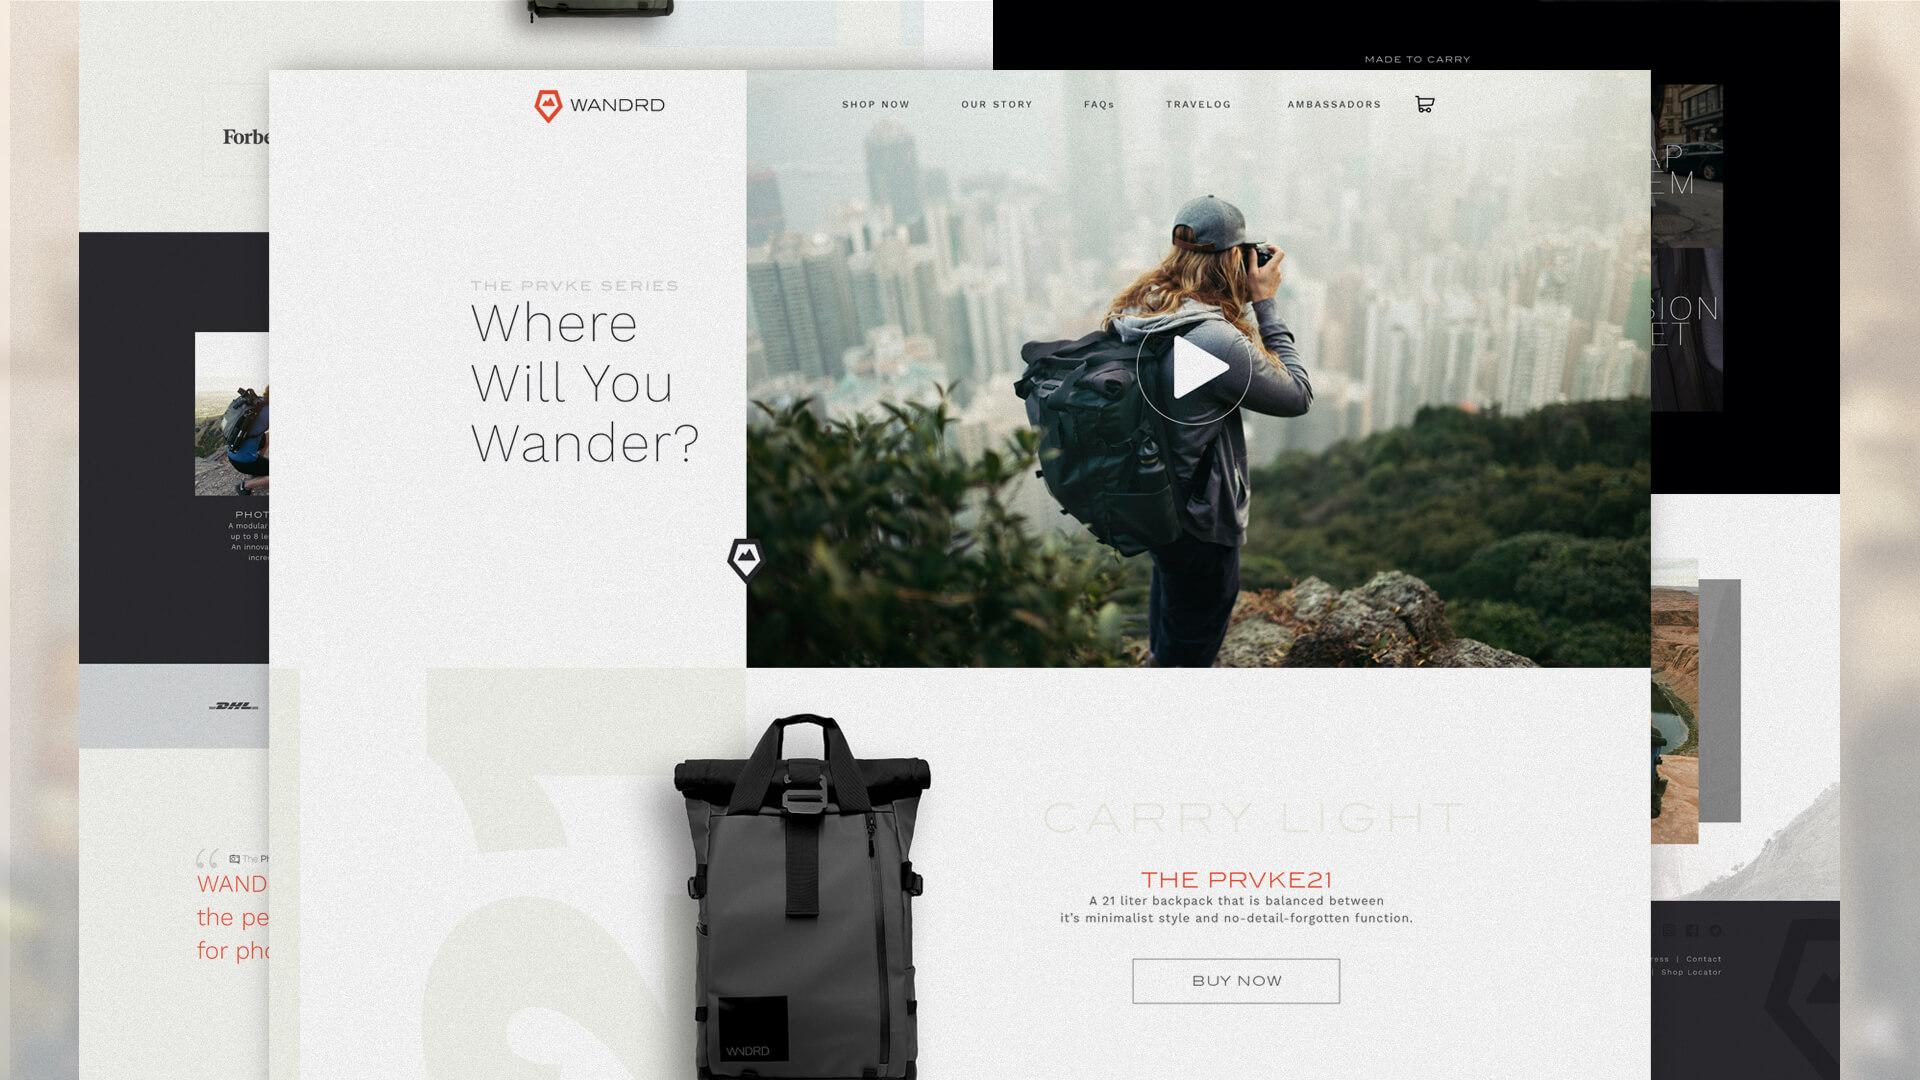 Website Design, homepage - Wandrd